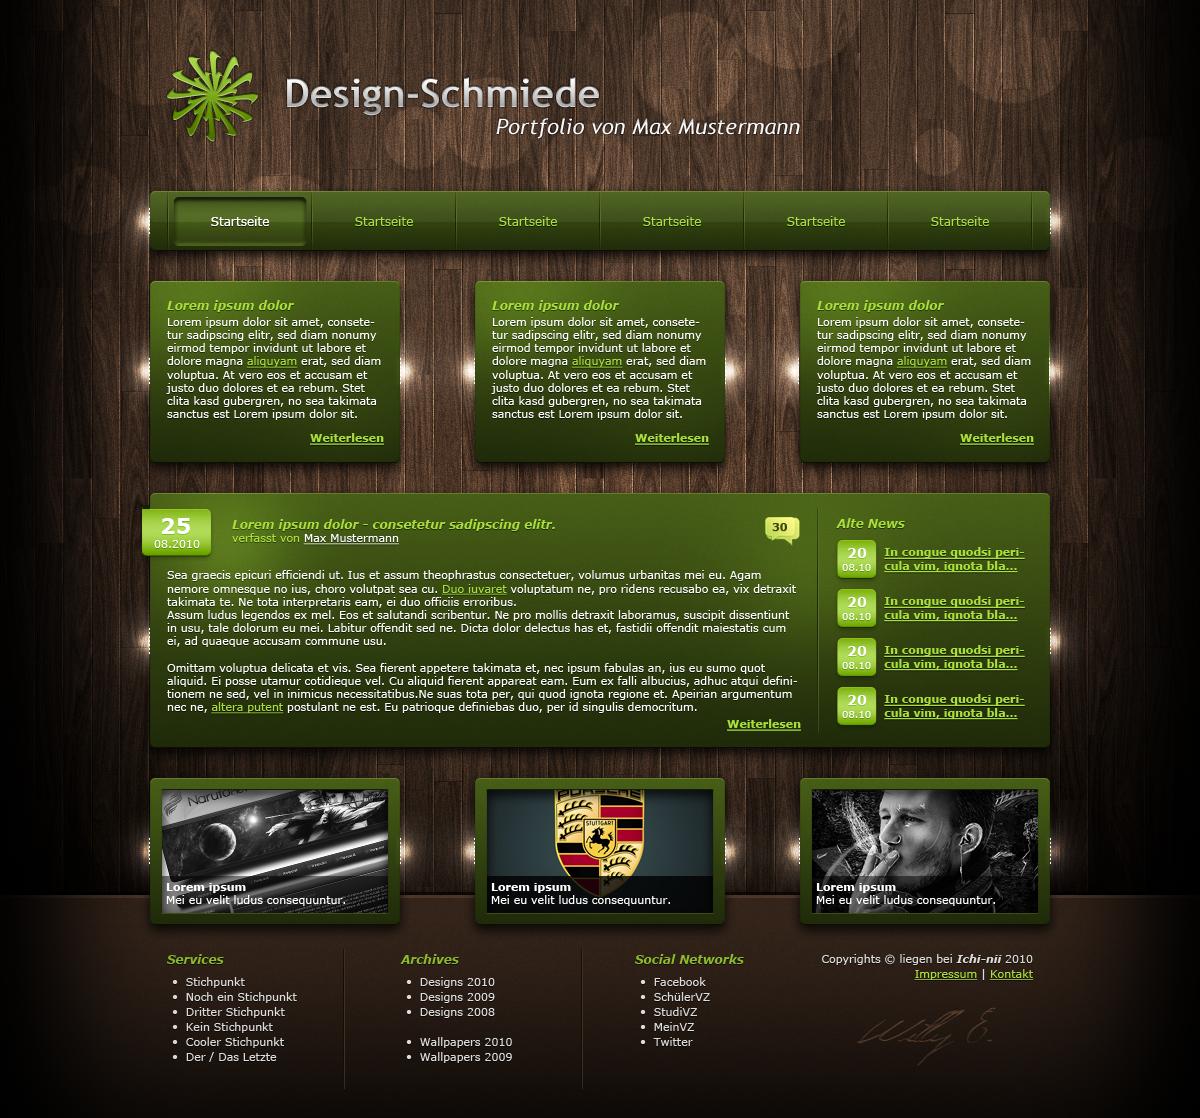 Design-Schmiede by WillyEpp